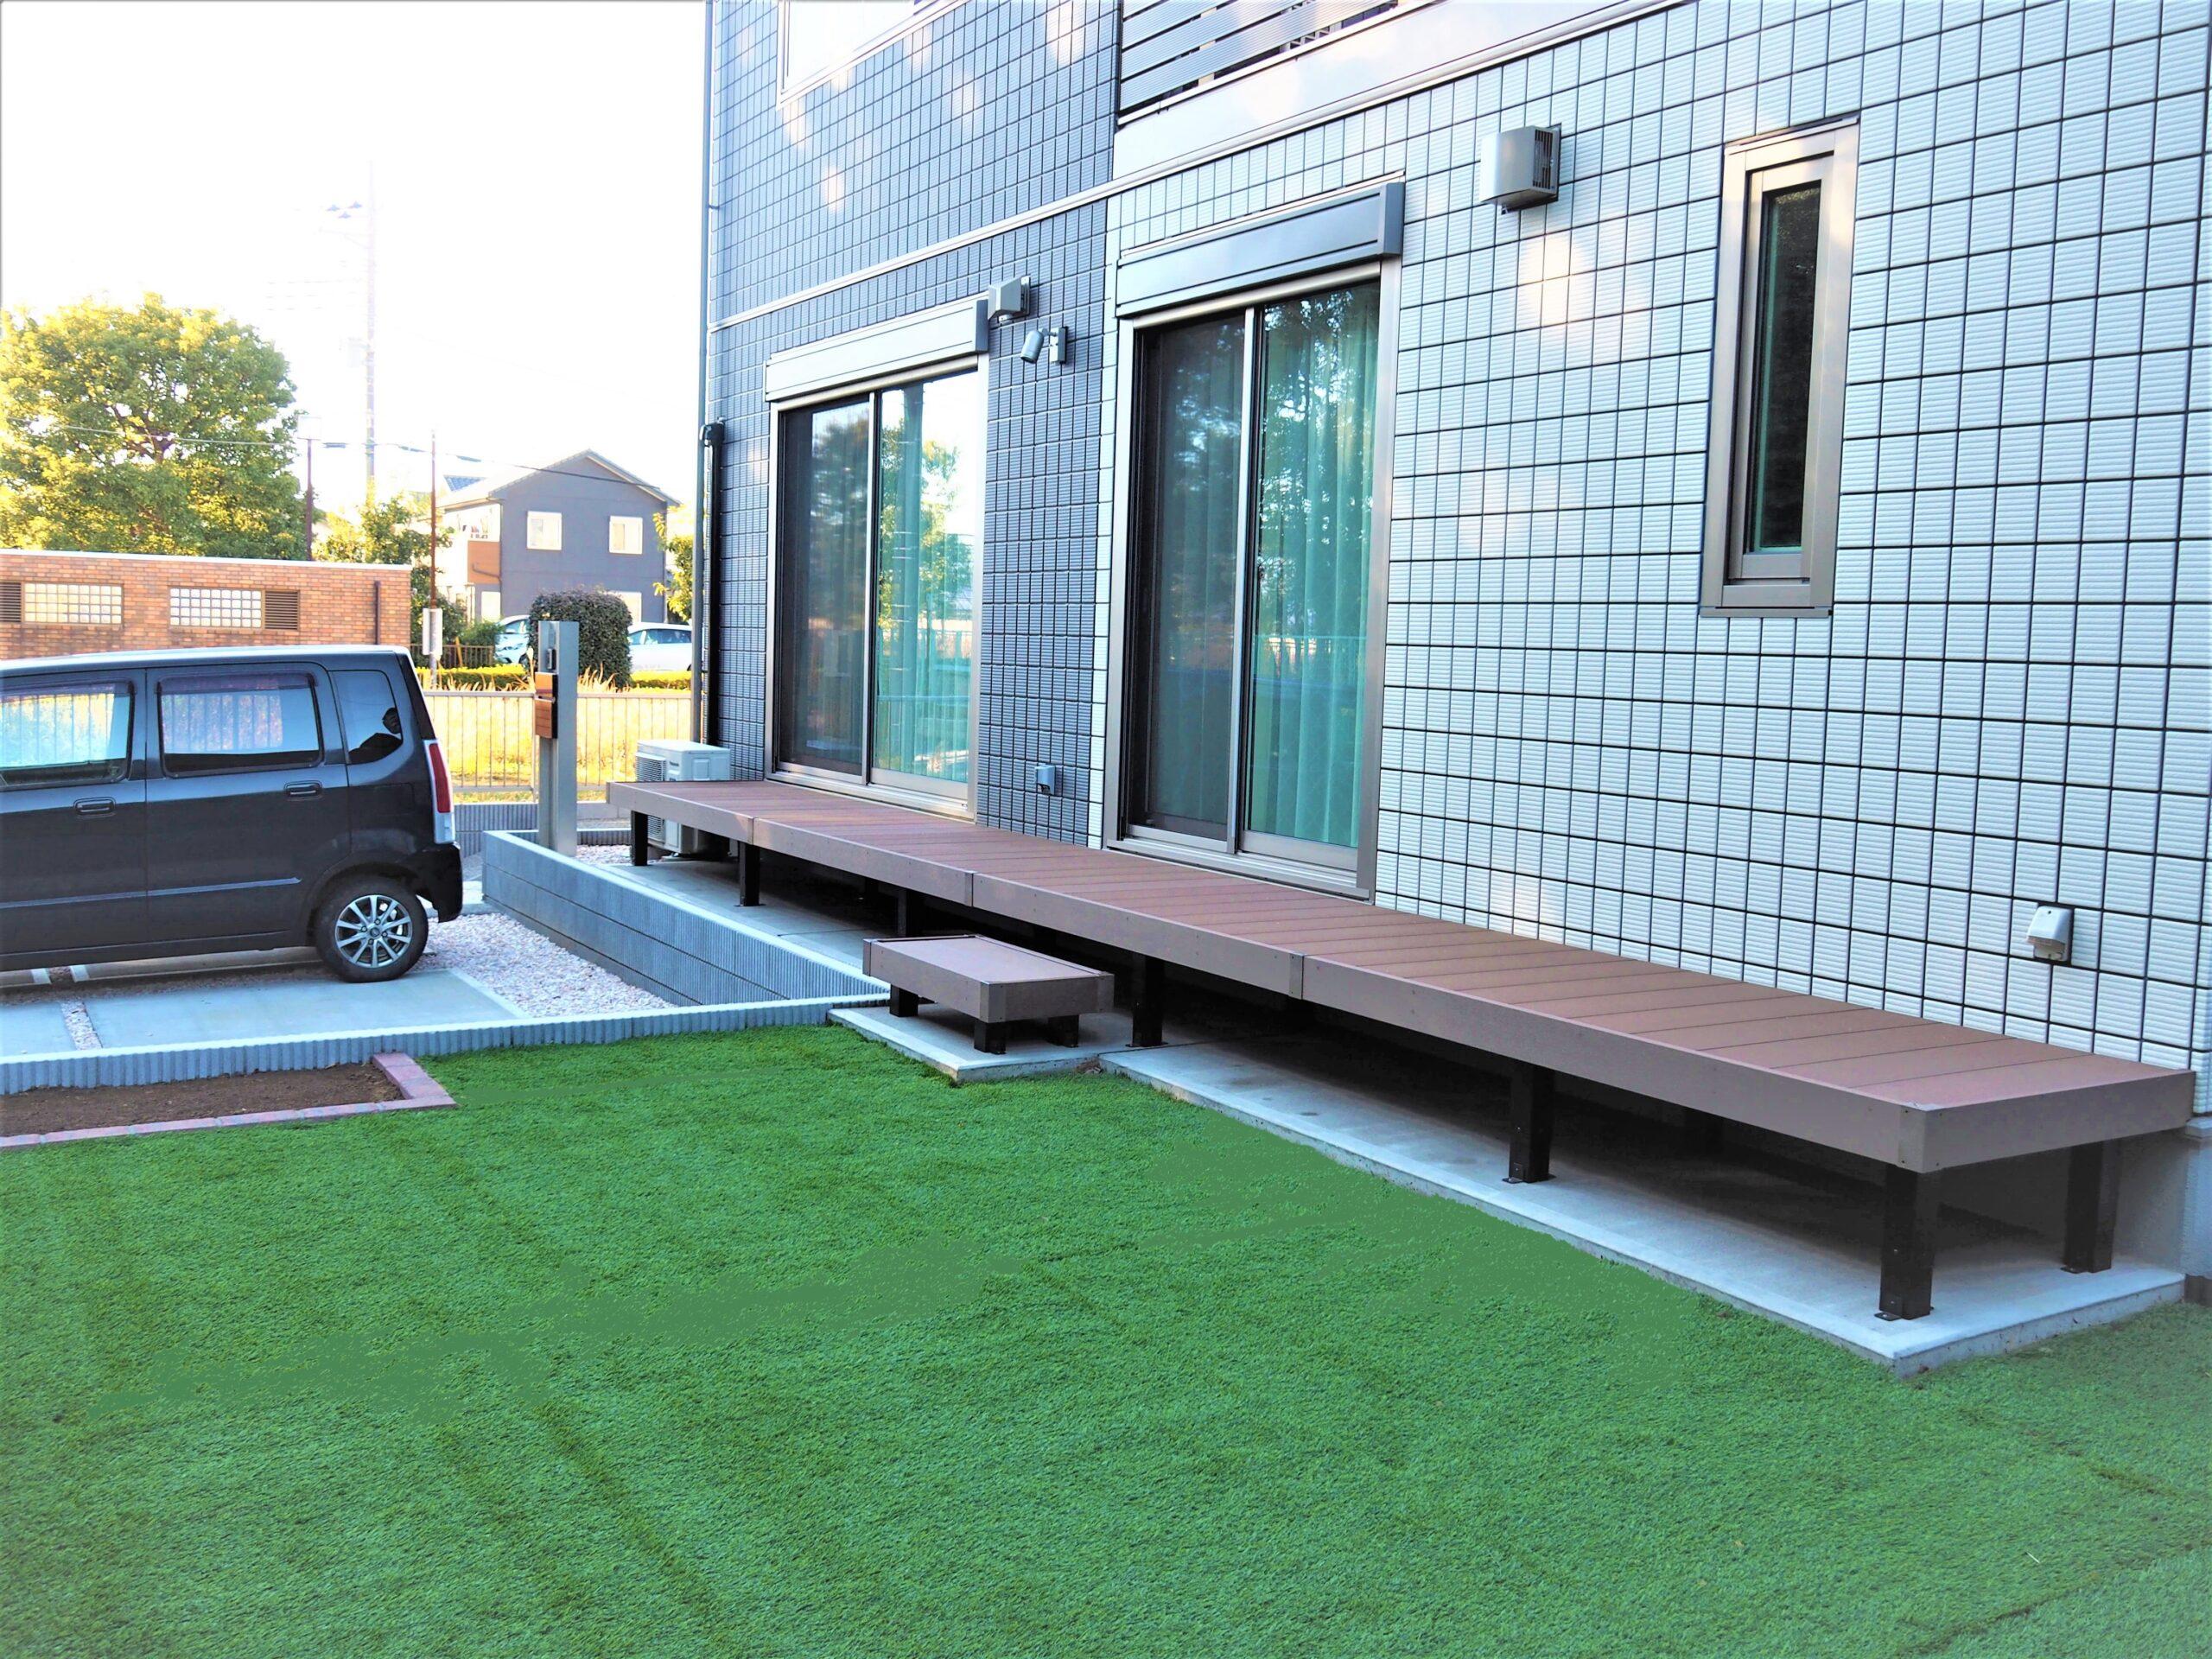 【牛久市 E様邸】 広々としたウッドデッキの濡れ縁と、人工芝の庭がシャープな印象の建物と調和したエクステリア